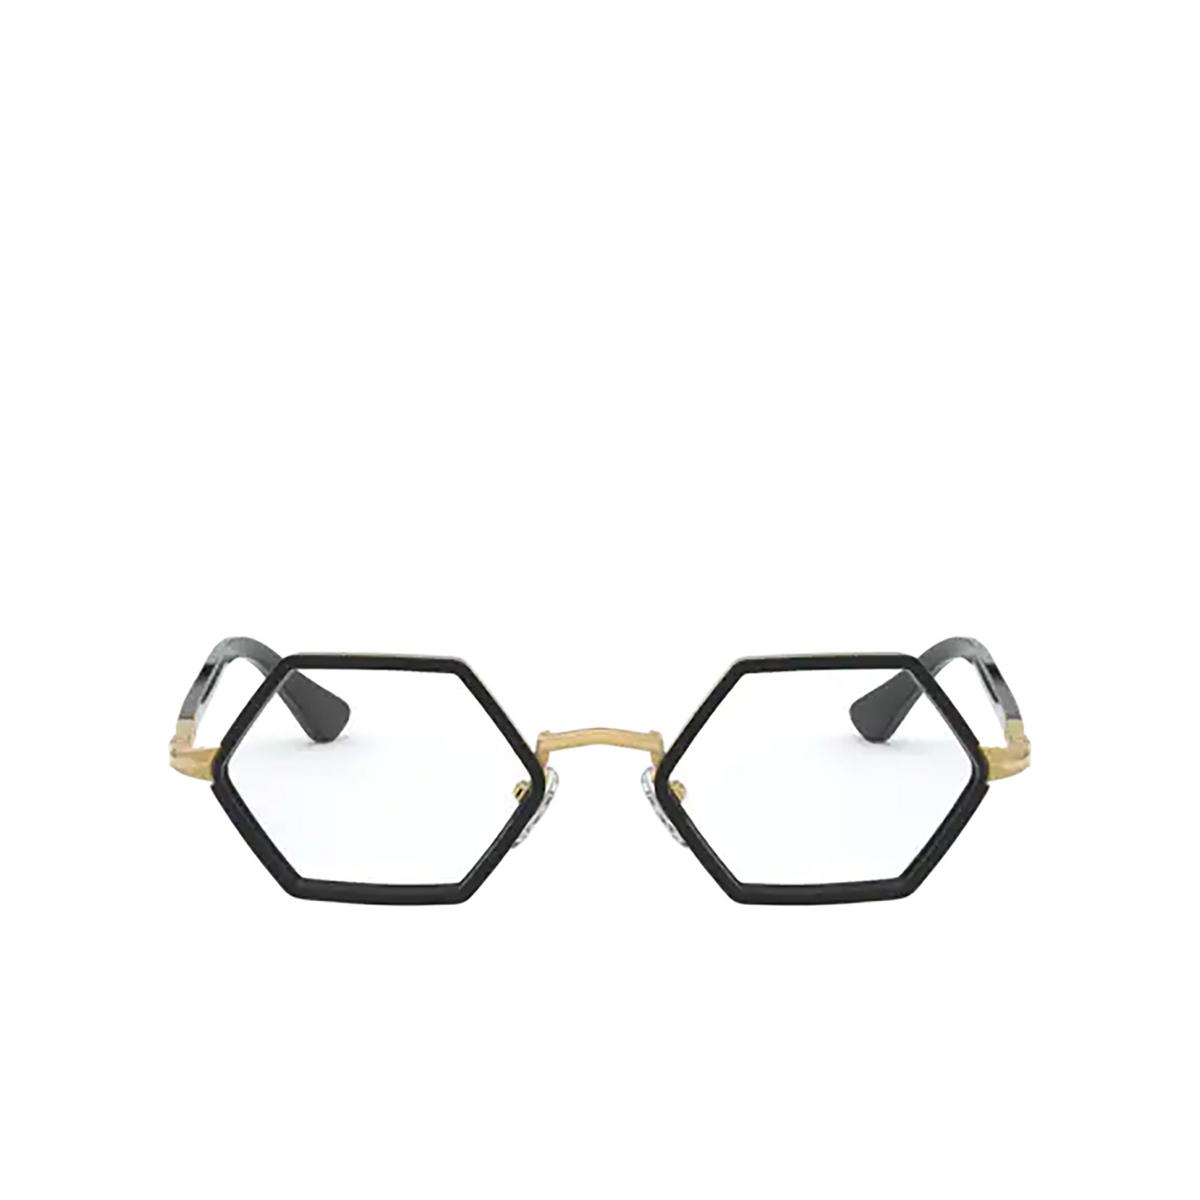 Persol® Irregular Eyeglasses: PO2472V color Gold & Black 1097 - front view.